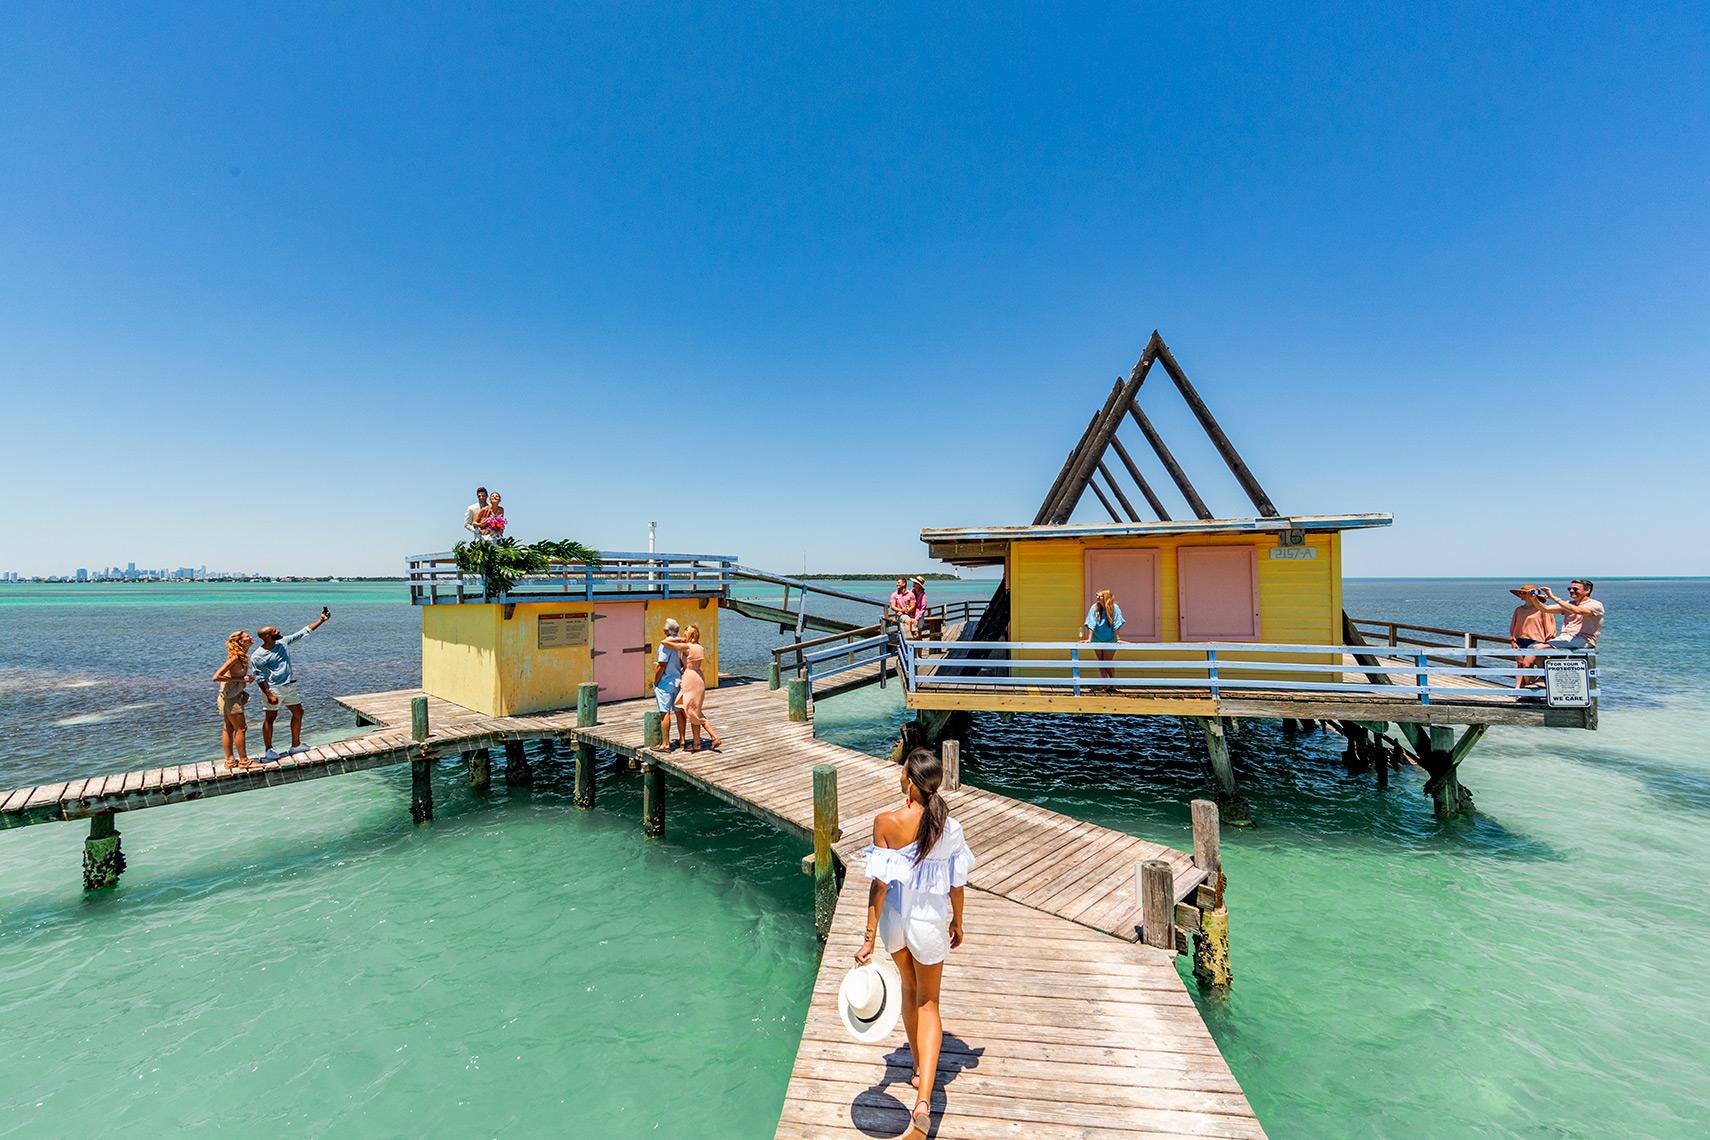 Miami_Stiltsville_Wedding_160425_VisitFL_Kamper_3783-1.jpg